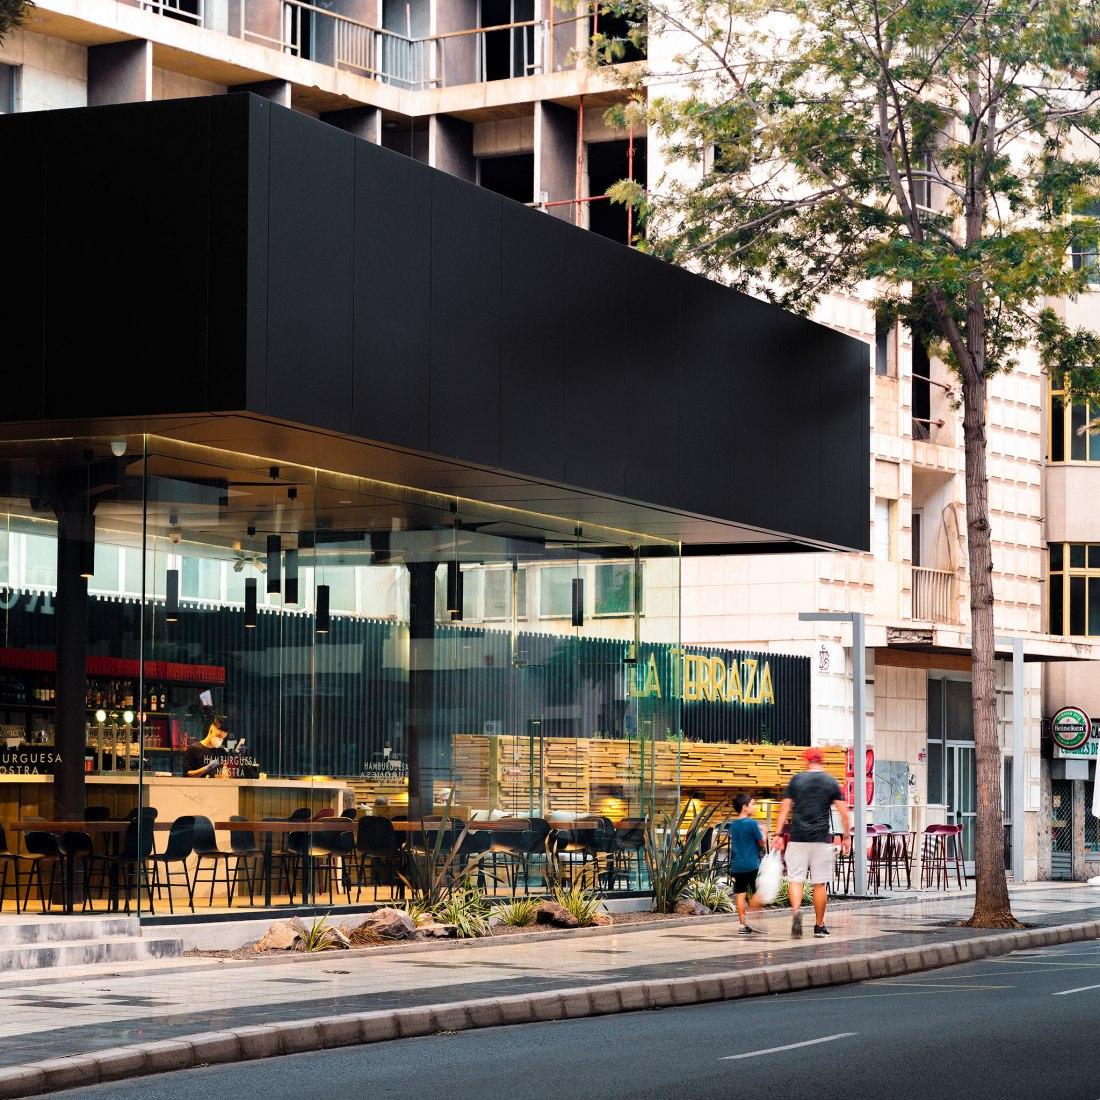 Cafetería en avenida 1º de mayo por Romera y Ruiz Arquitectos. Fotografía por arqfoto - Simón García